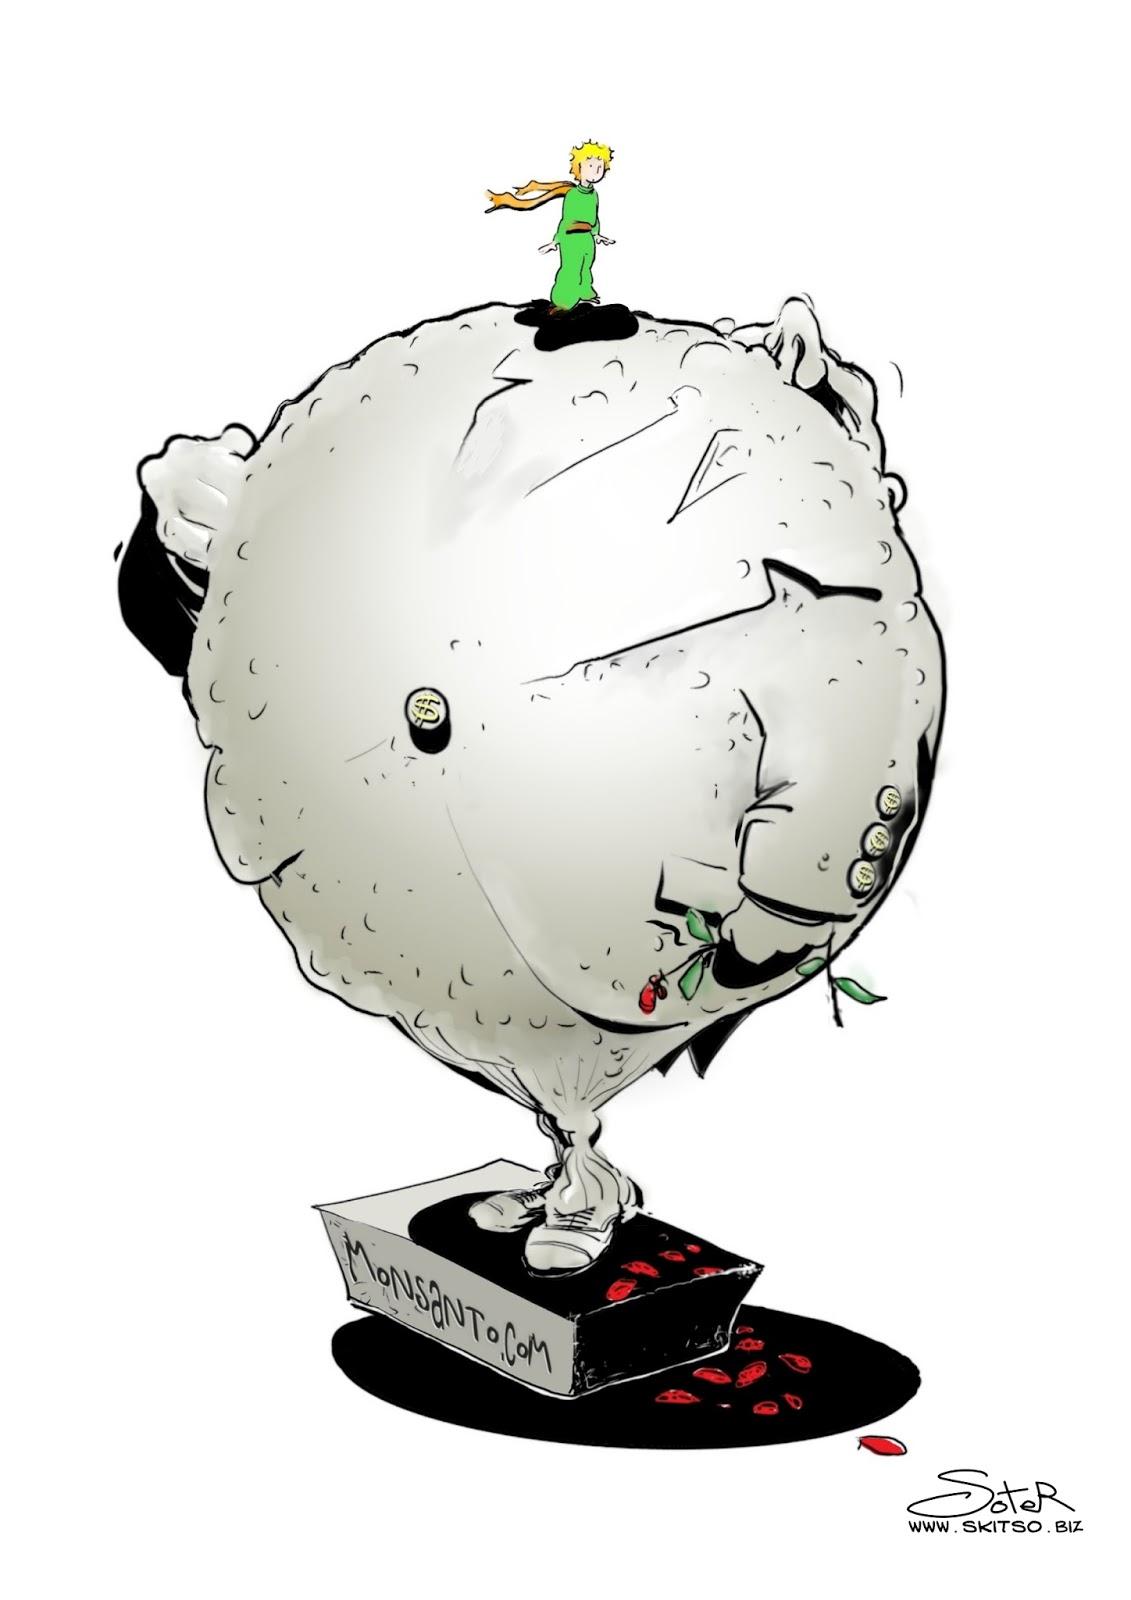 Σκίτσα από την συμμετοχή μου στην Διεθνή Έκθεση Γελοιογραφίας στον Υμηττό με θέμα:  «Η Διατροφή μας είναι η ζωή μας. Μεταλλαγμένα – Μόλυνση περιβάλλοντος – Ασφάλεια Τροφίμων (Codex Alimentarius)» monsanto μεταλαγμένα